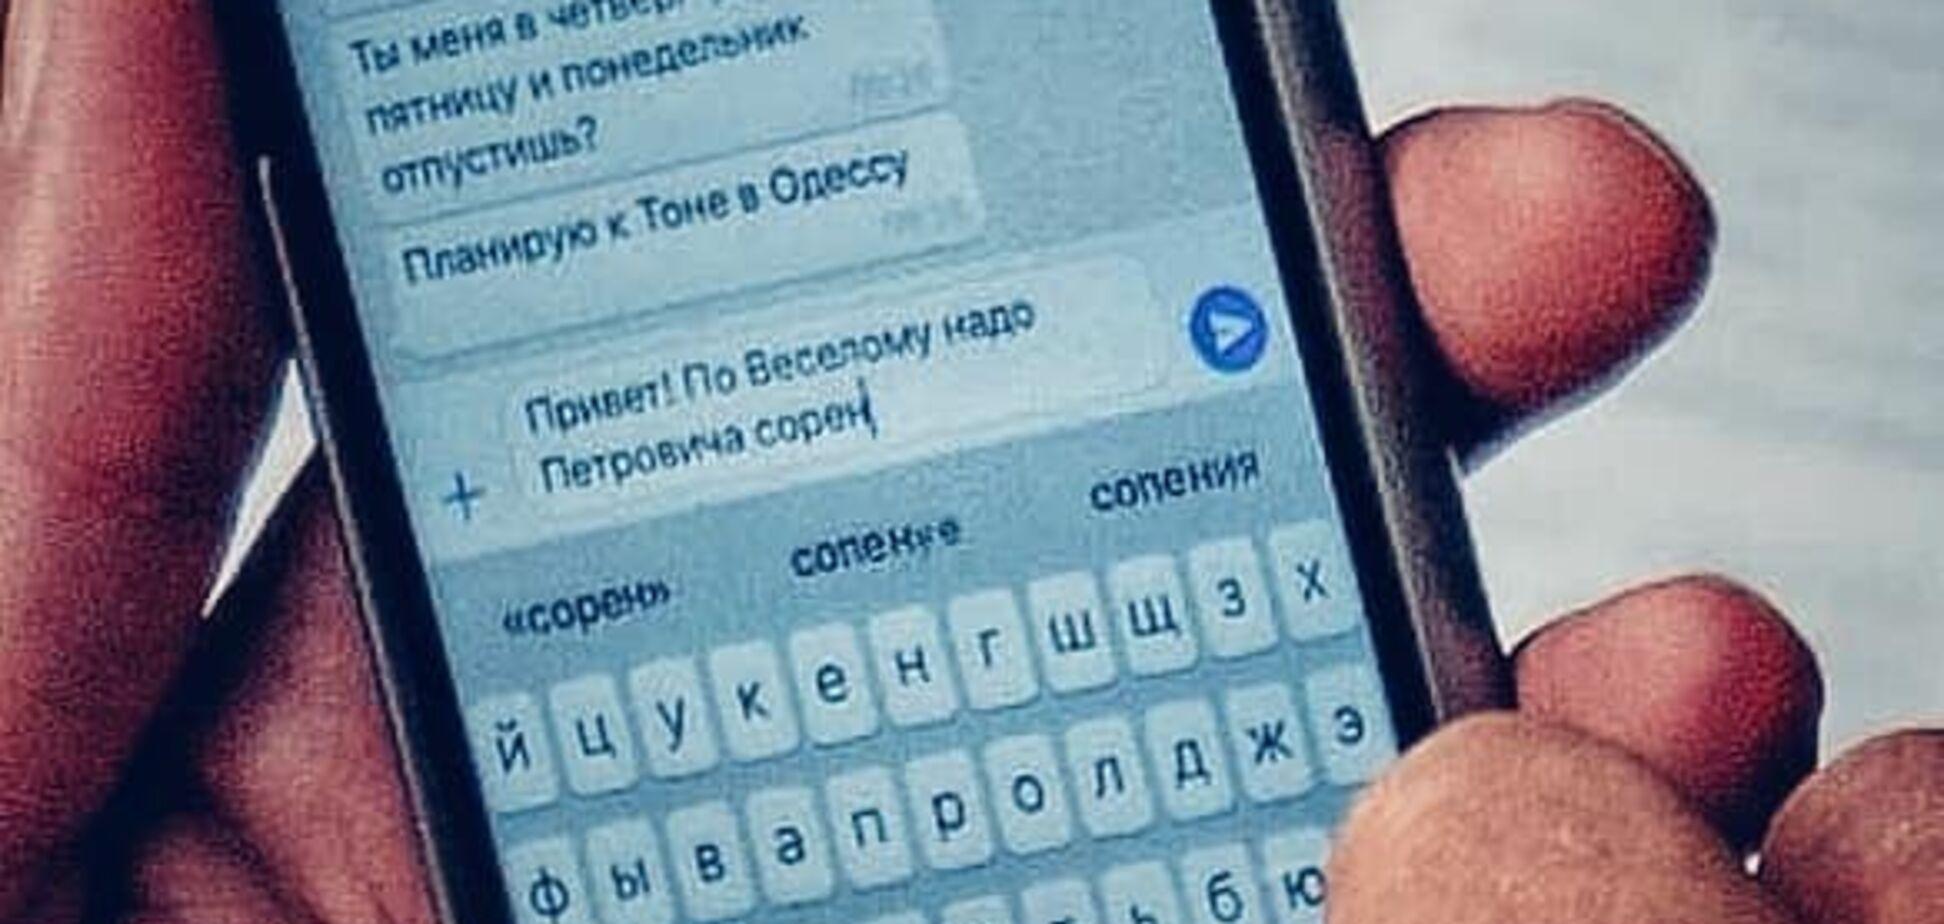 'Хочу к Тоне в Одессу!' Нардепа засекли за странной перепиской в Раде